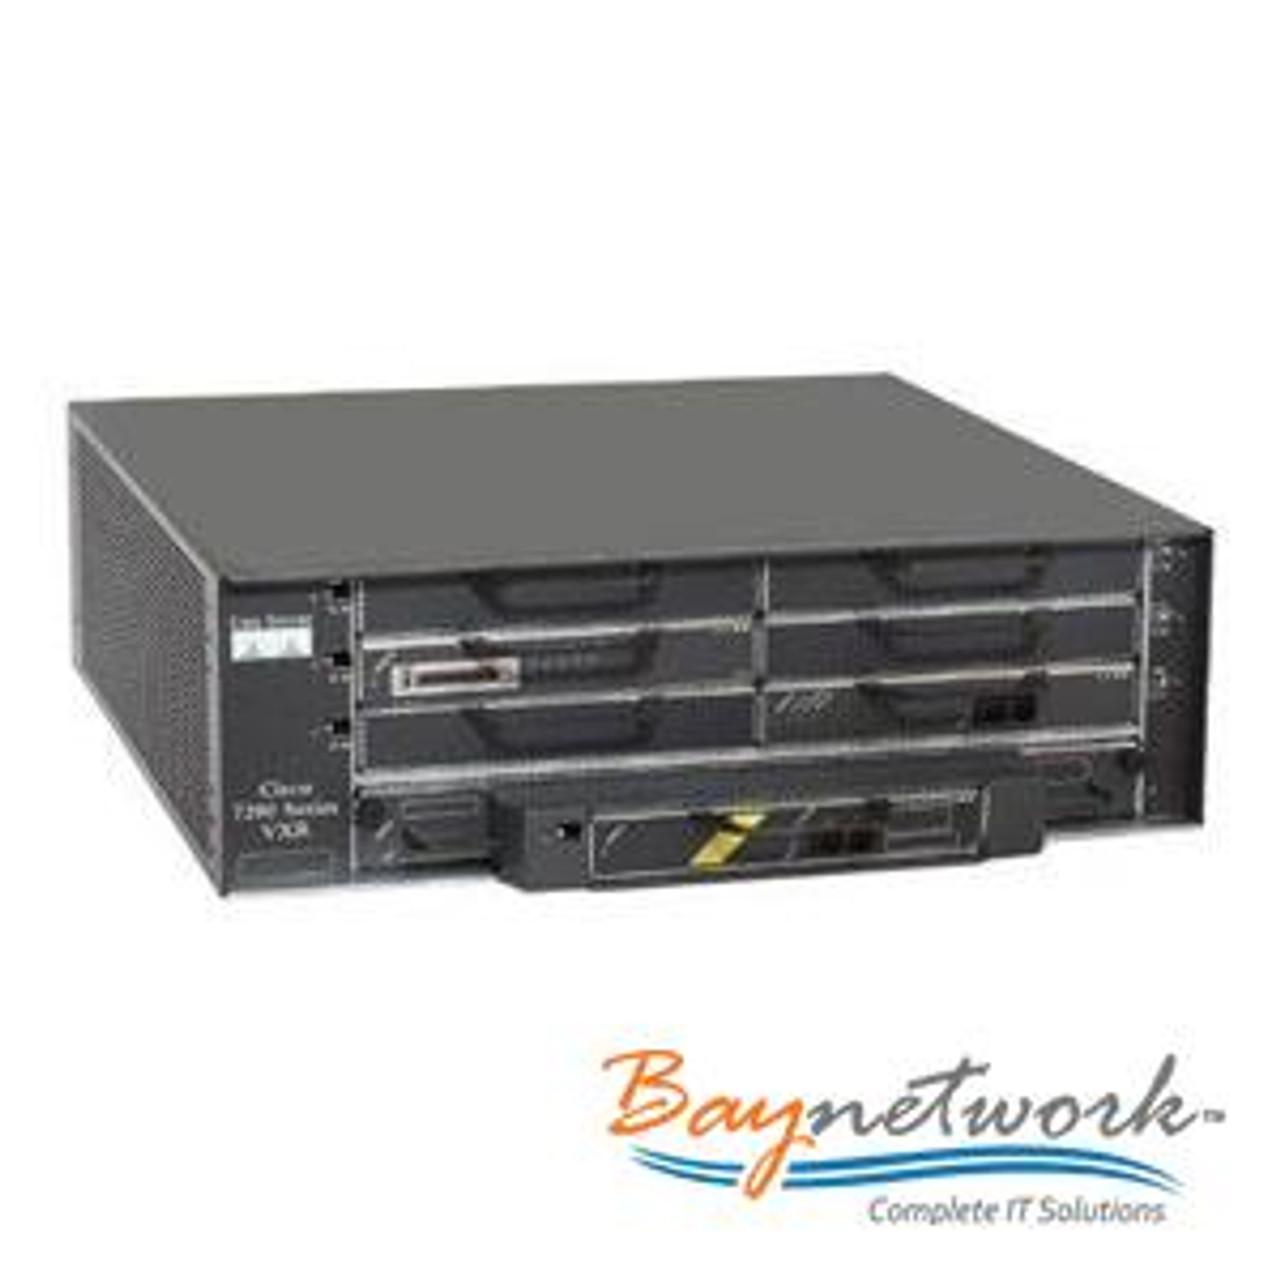 Cisco CISCO7204VXR